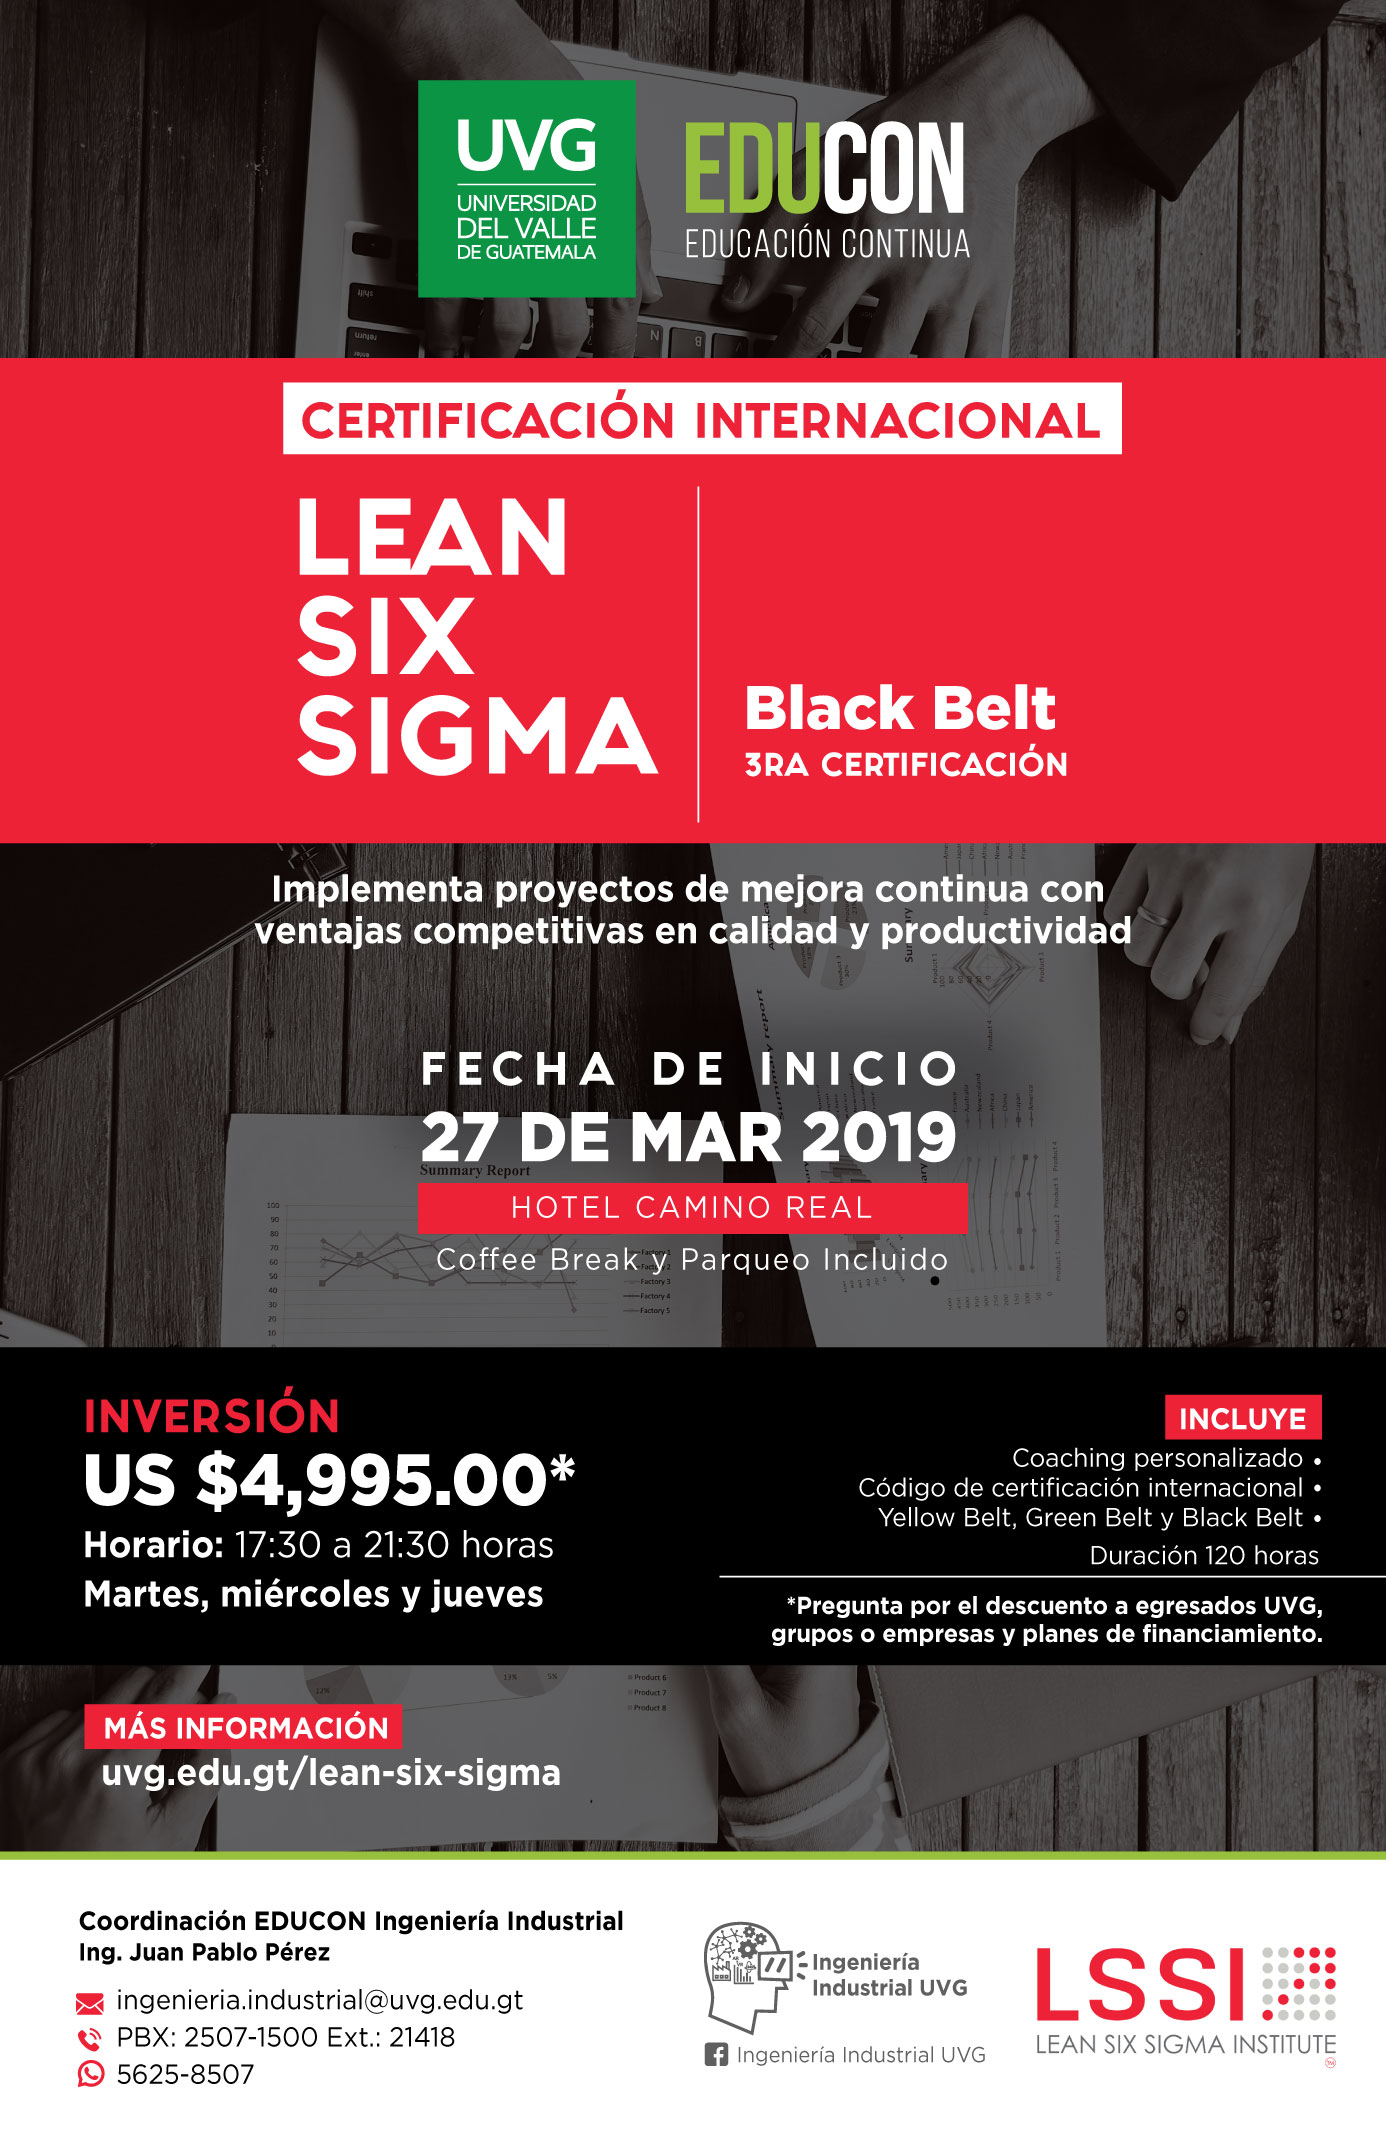 Certificación Internacional Lean Six Sigma(Black Belt)